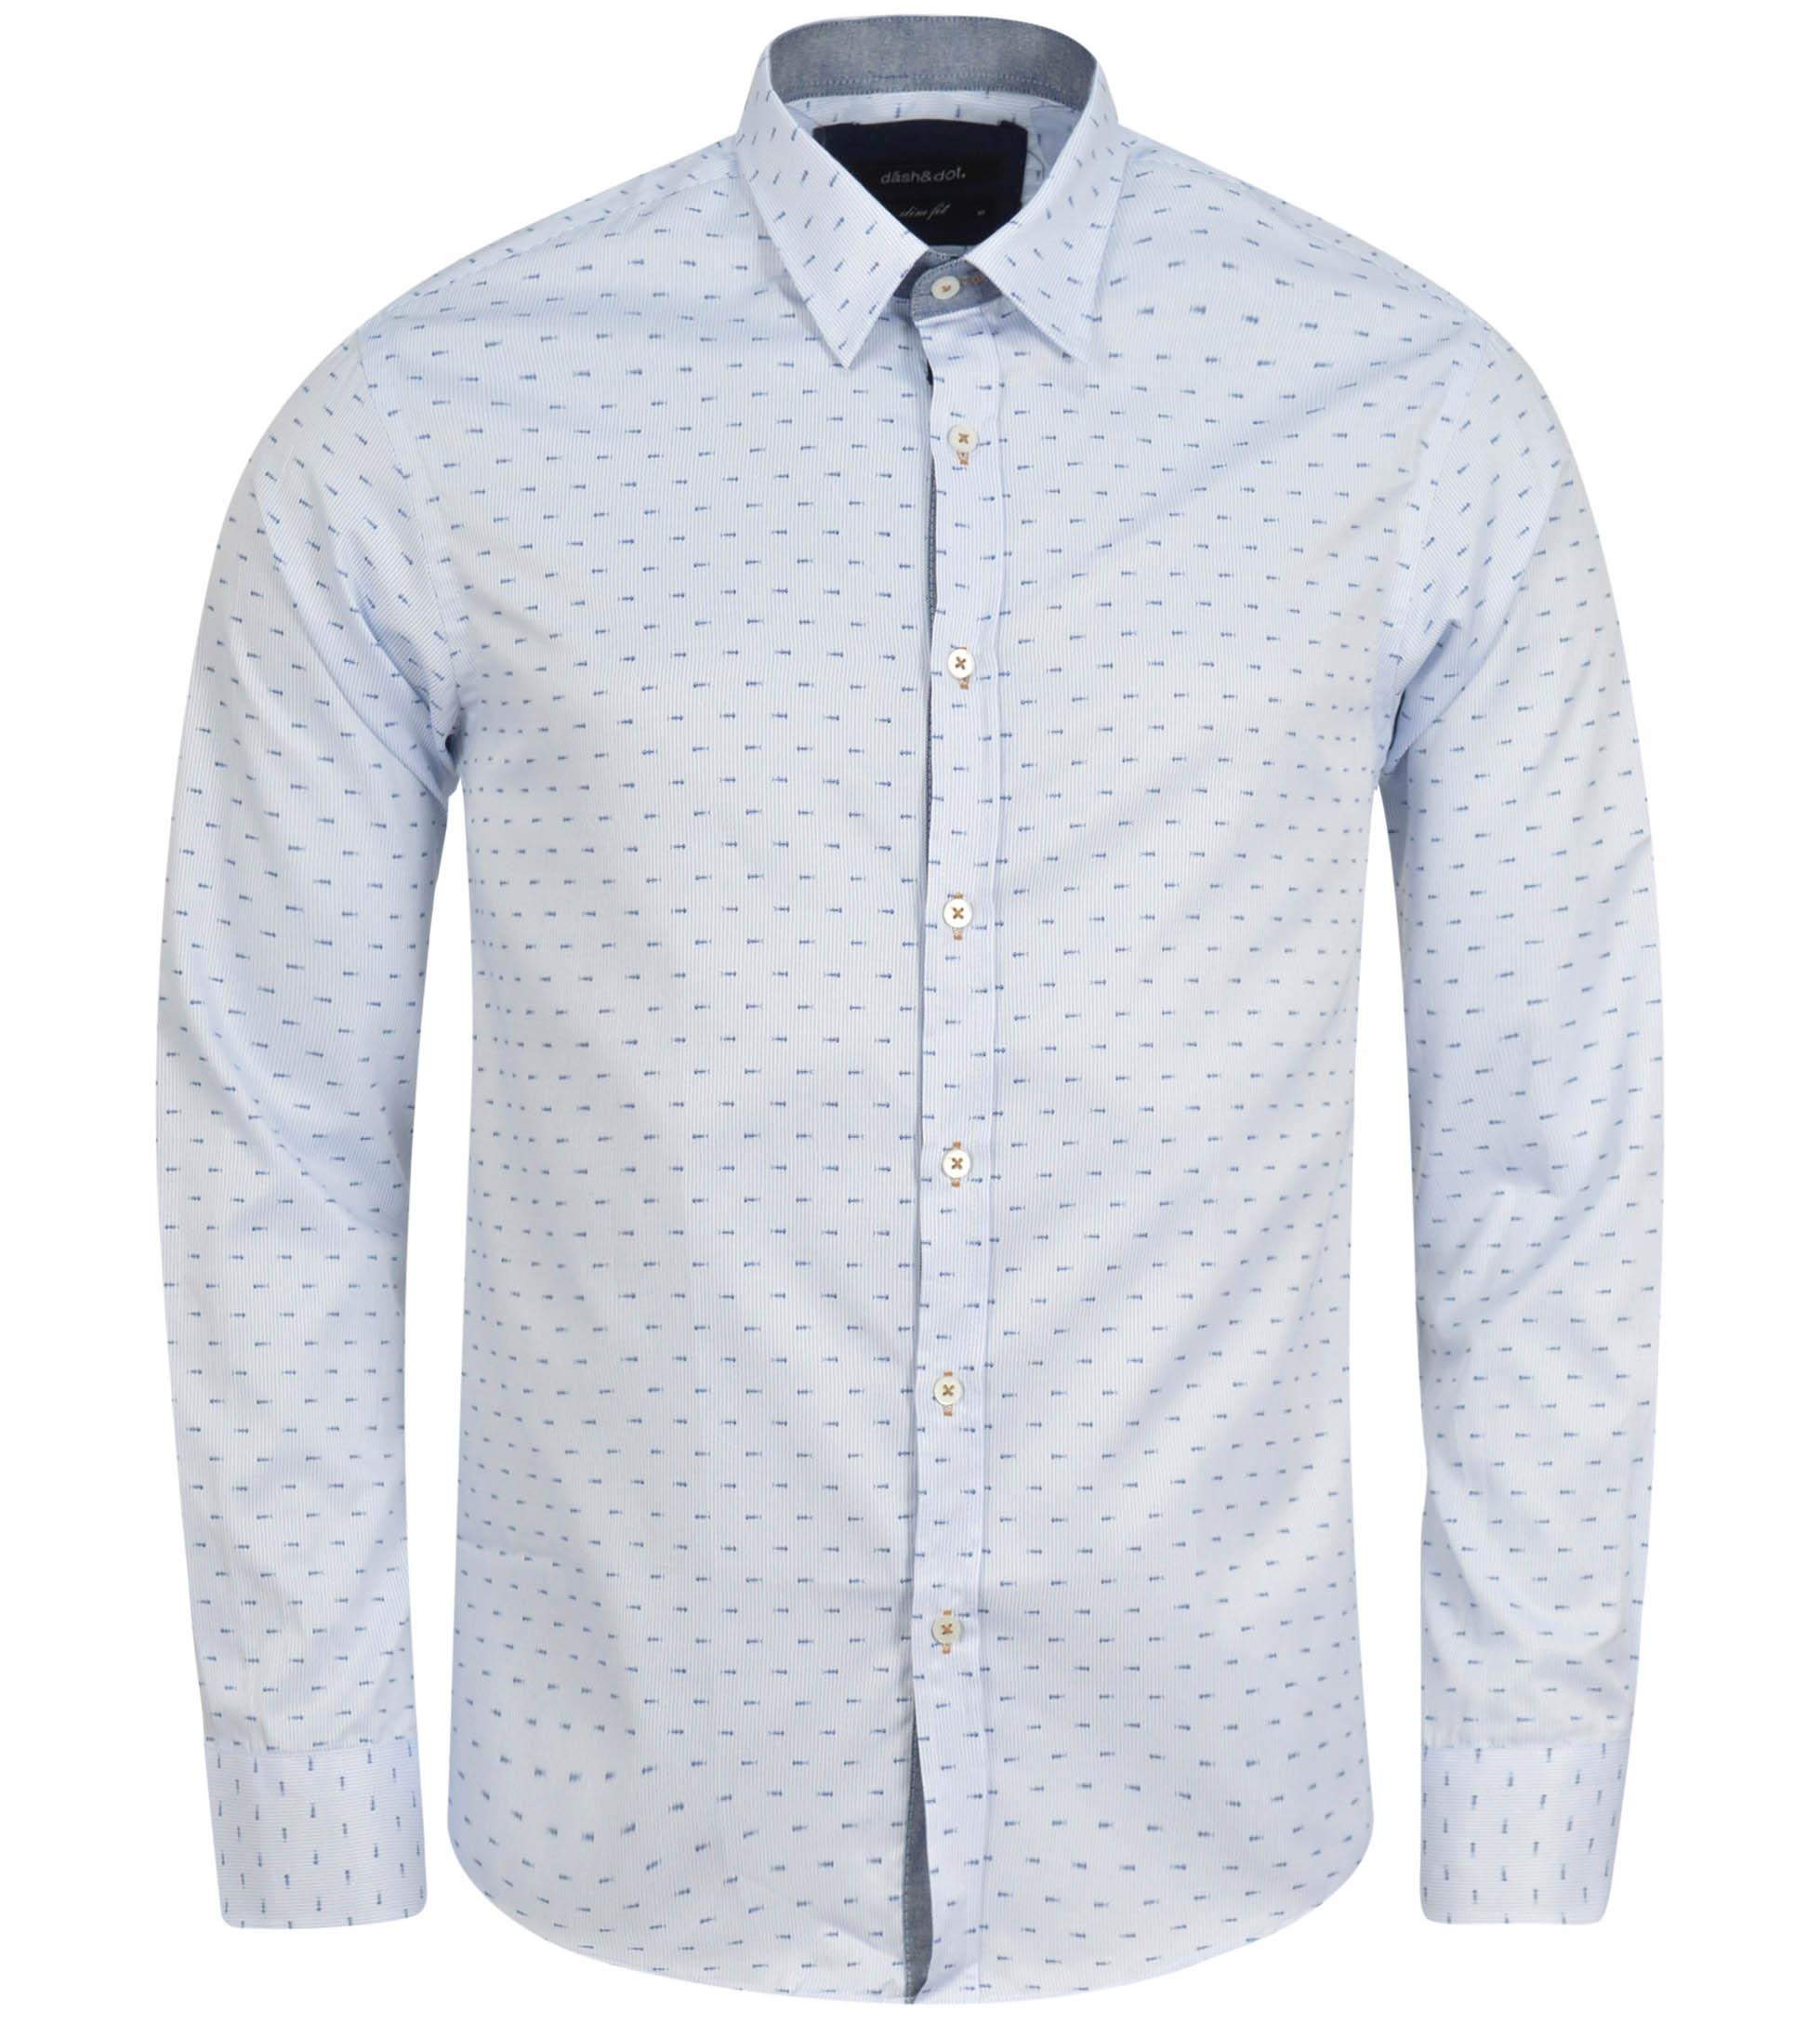 612f51da296f Ανδρικό πουκάμισο Dash Dot 09018 - Glami.gr